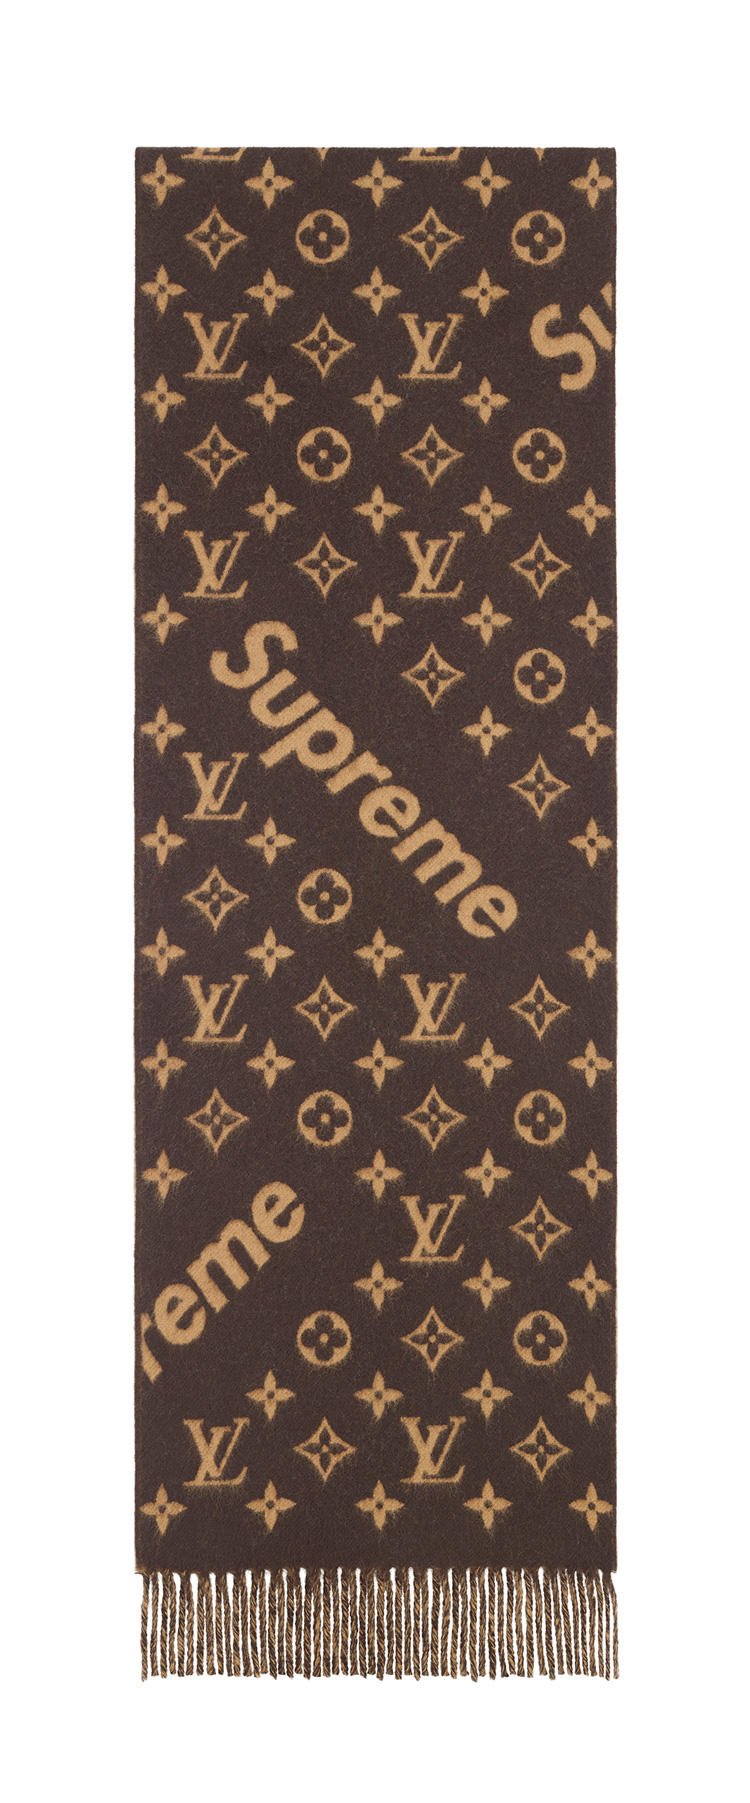 エシャルプ・シュプリーム 6万1000円(税抜価格) cLouis Vuitton